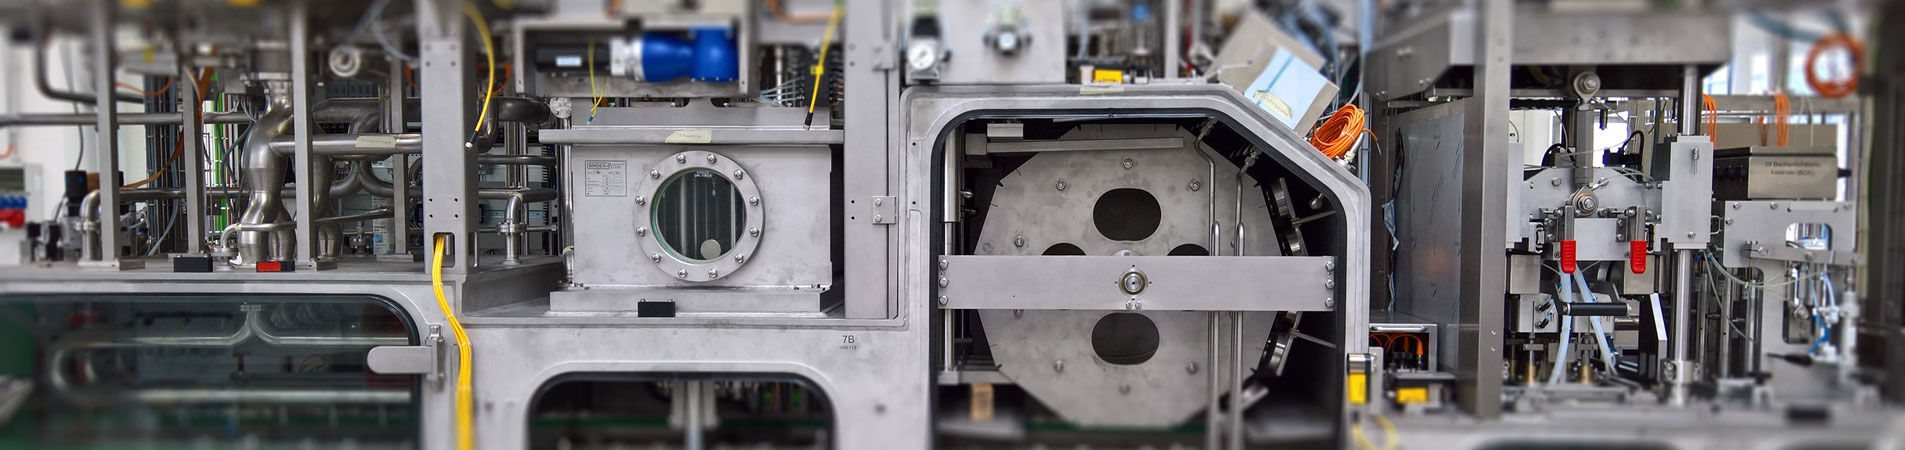 Softwareentwicklung & Automatisierung für Maschinenbau und Industrie Marcel Krull- Software